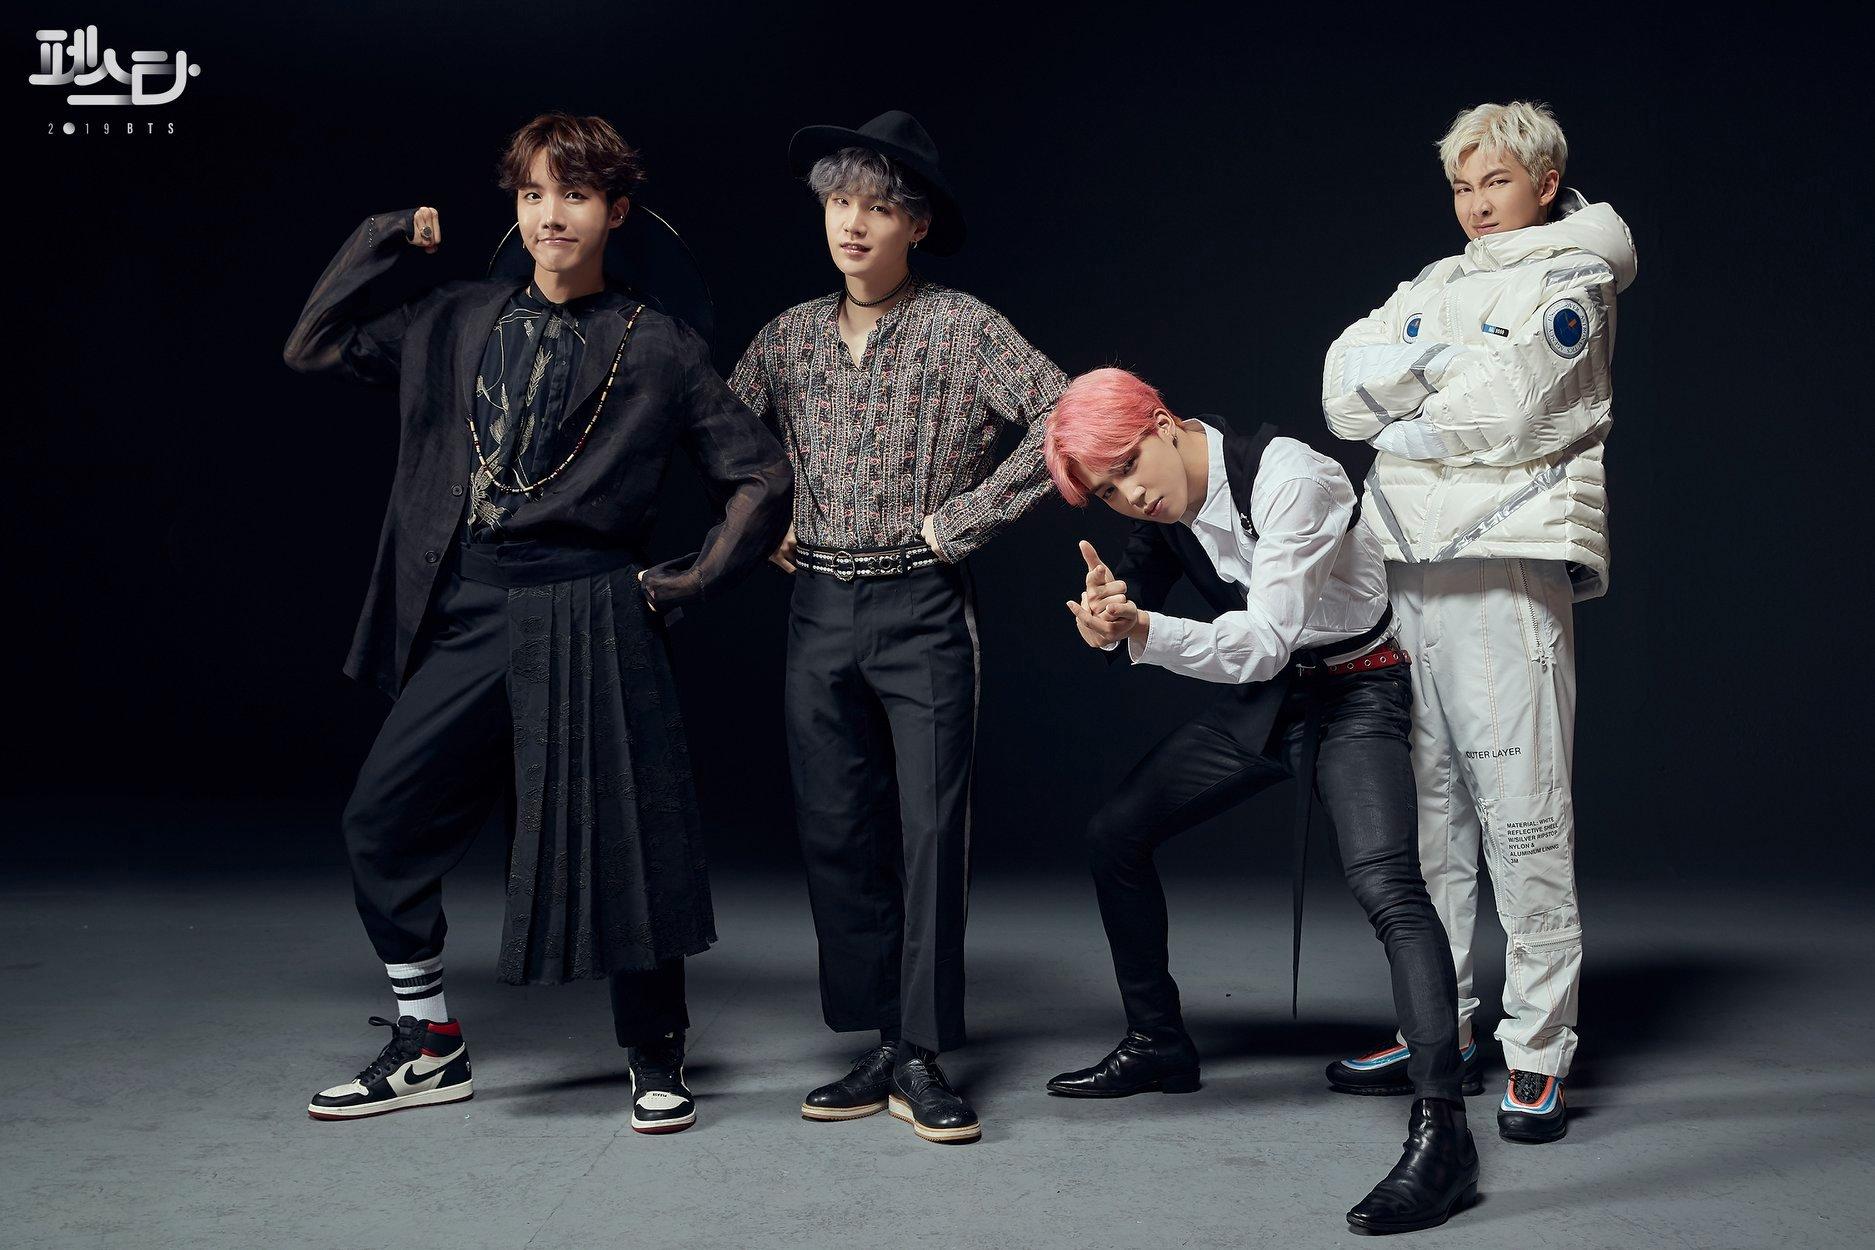 BTS Festa 2019 J-hope Suga Jimin RM